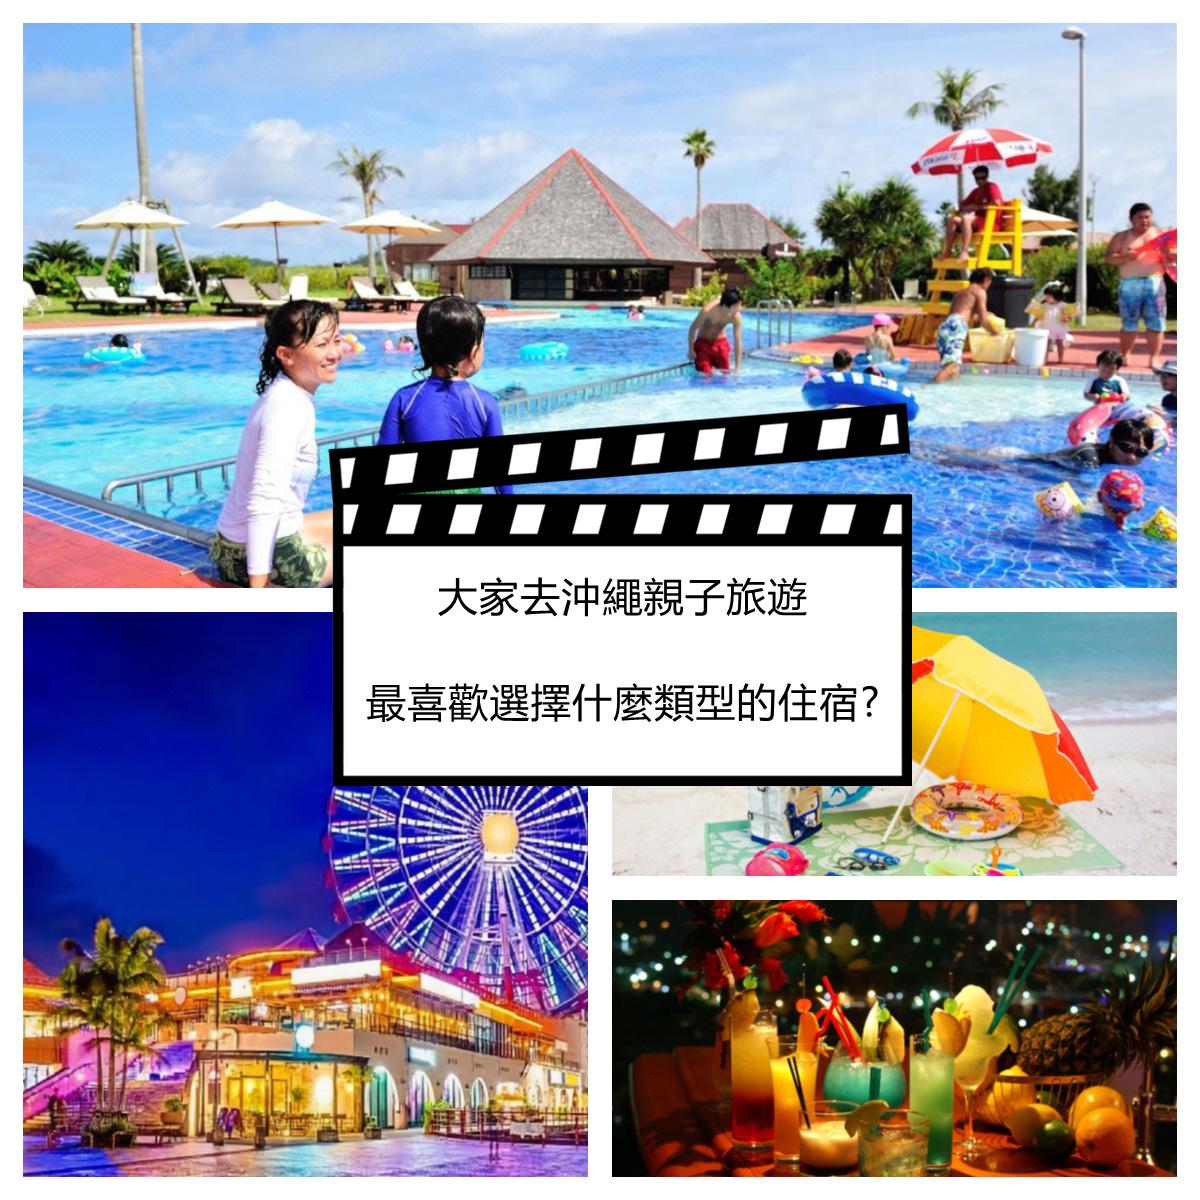 冲绳旅遊最喜歡選擇什麼類型的住宿